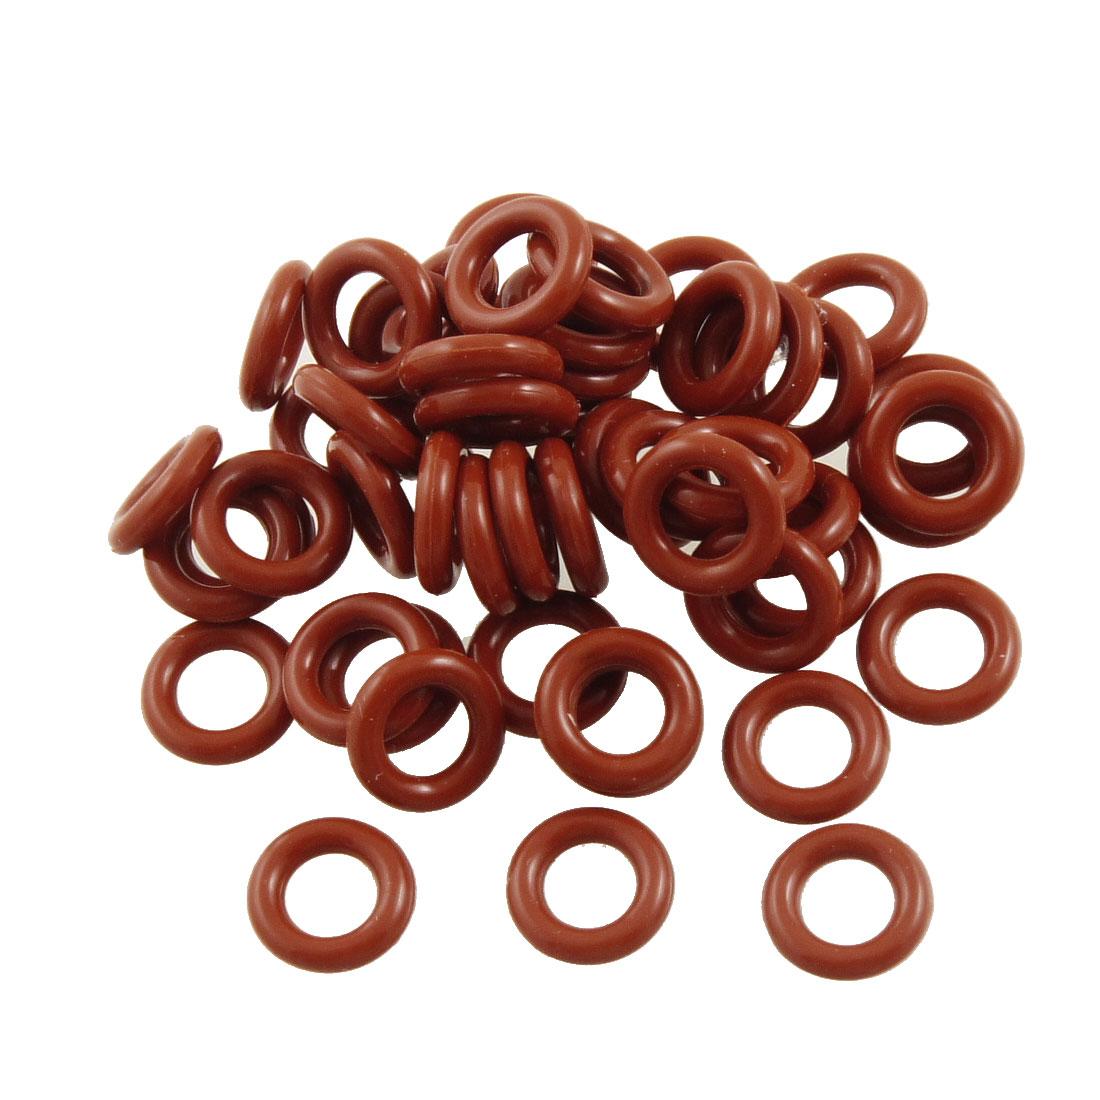 Uxcell 10 pièces 2.5Mm Épaisseur Rouge Silicone Joint Torique Joints D'huile. | 14mm | 15mm | 17mm | 19mm | 22mm | 25mm | 34mm | 35mm | 37mm